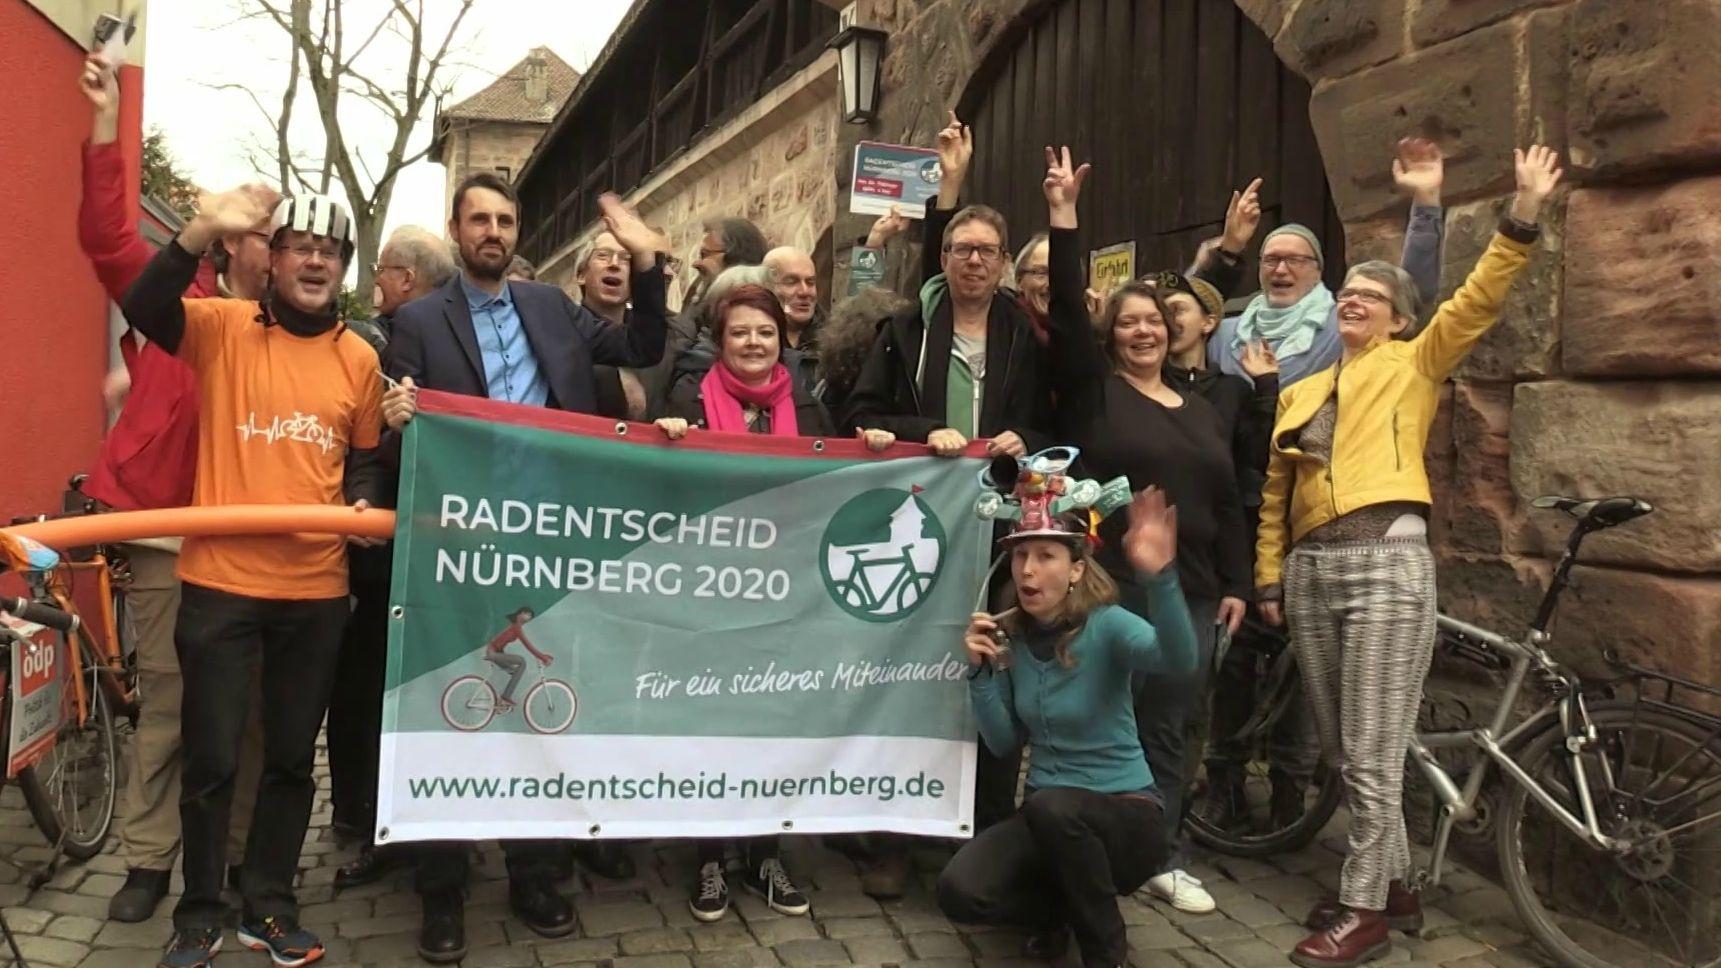 Organisatoren des Nürnberger Radentscheids zeigen das Transparent zum Radentscheid